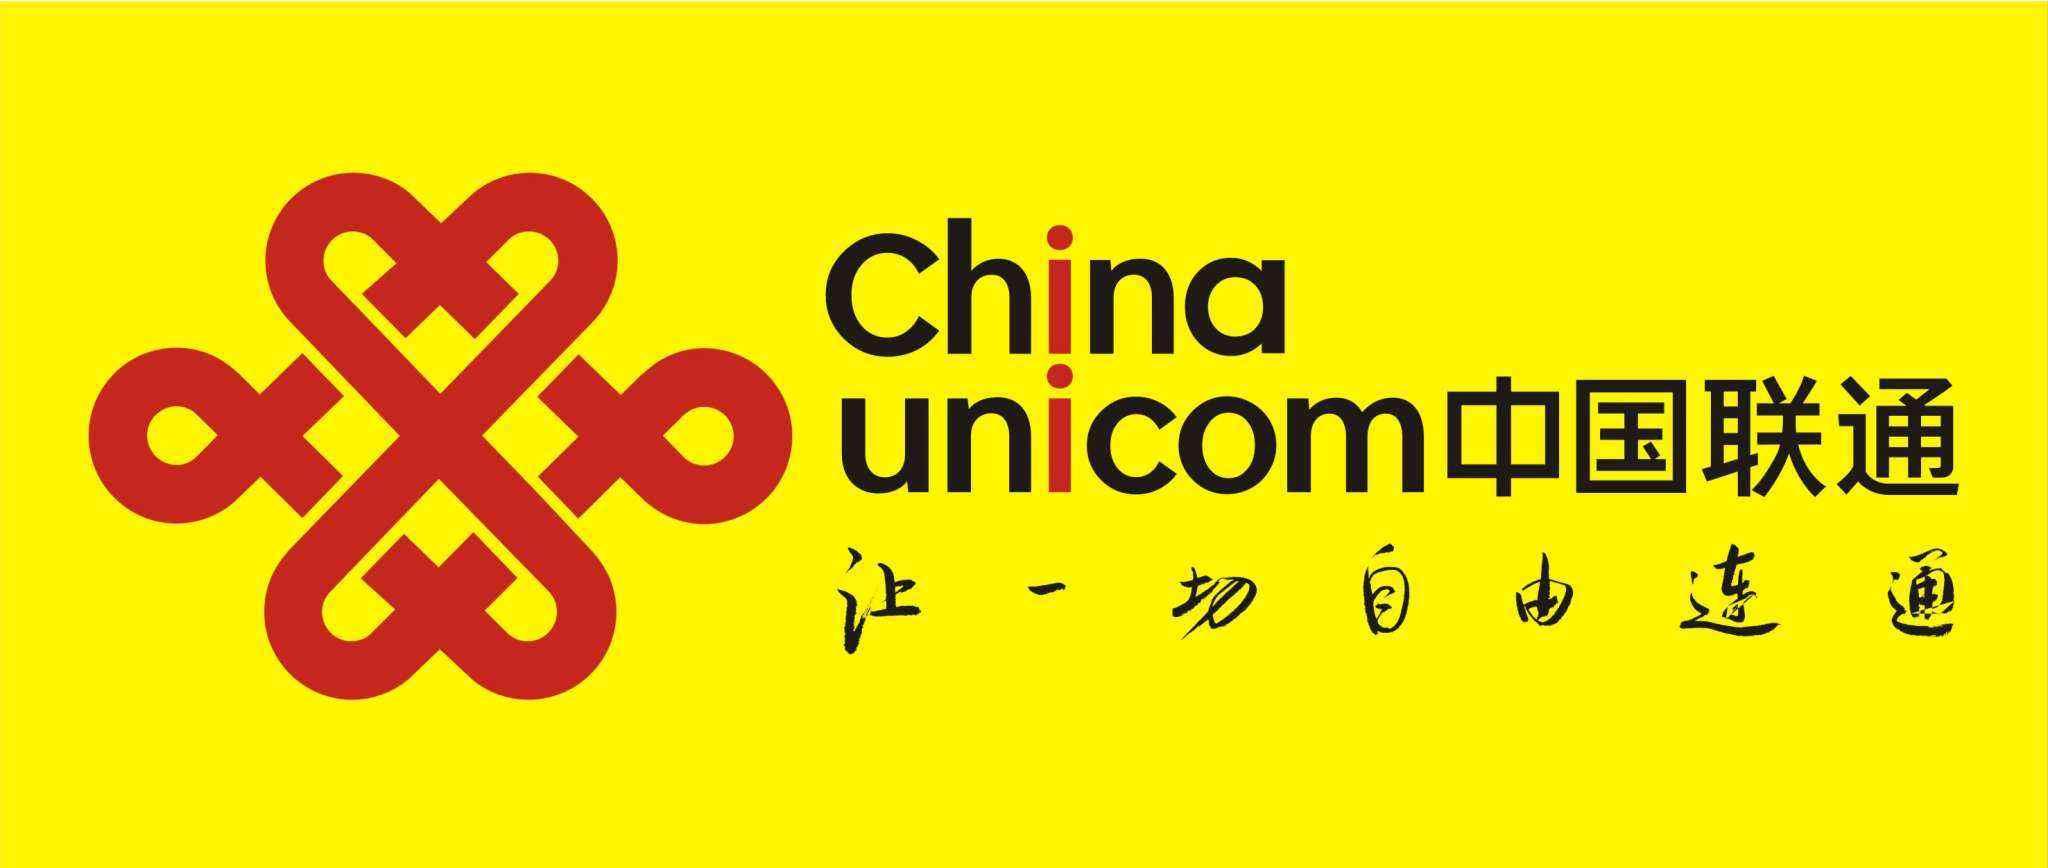 中国联通秉持五新联通发展理念推动云网一体转型发展思路